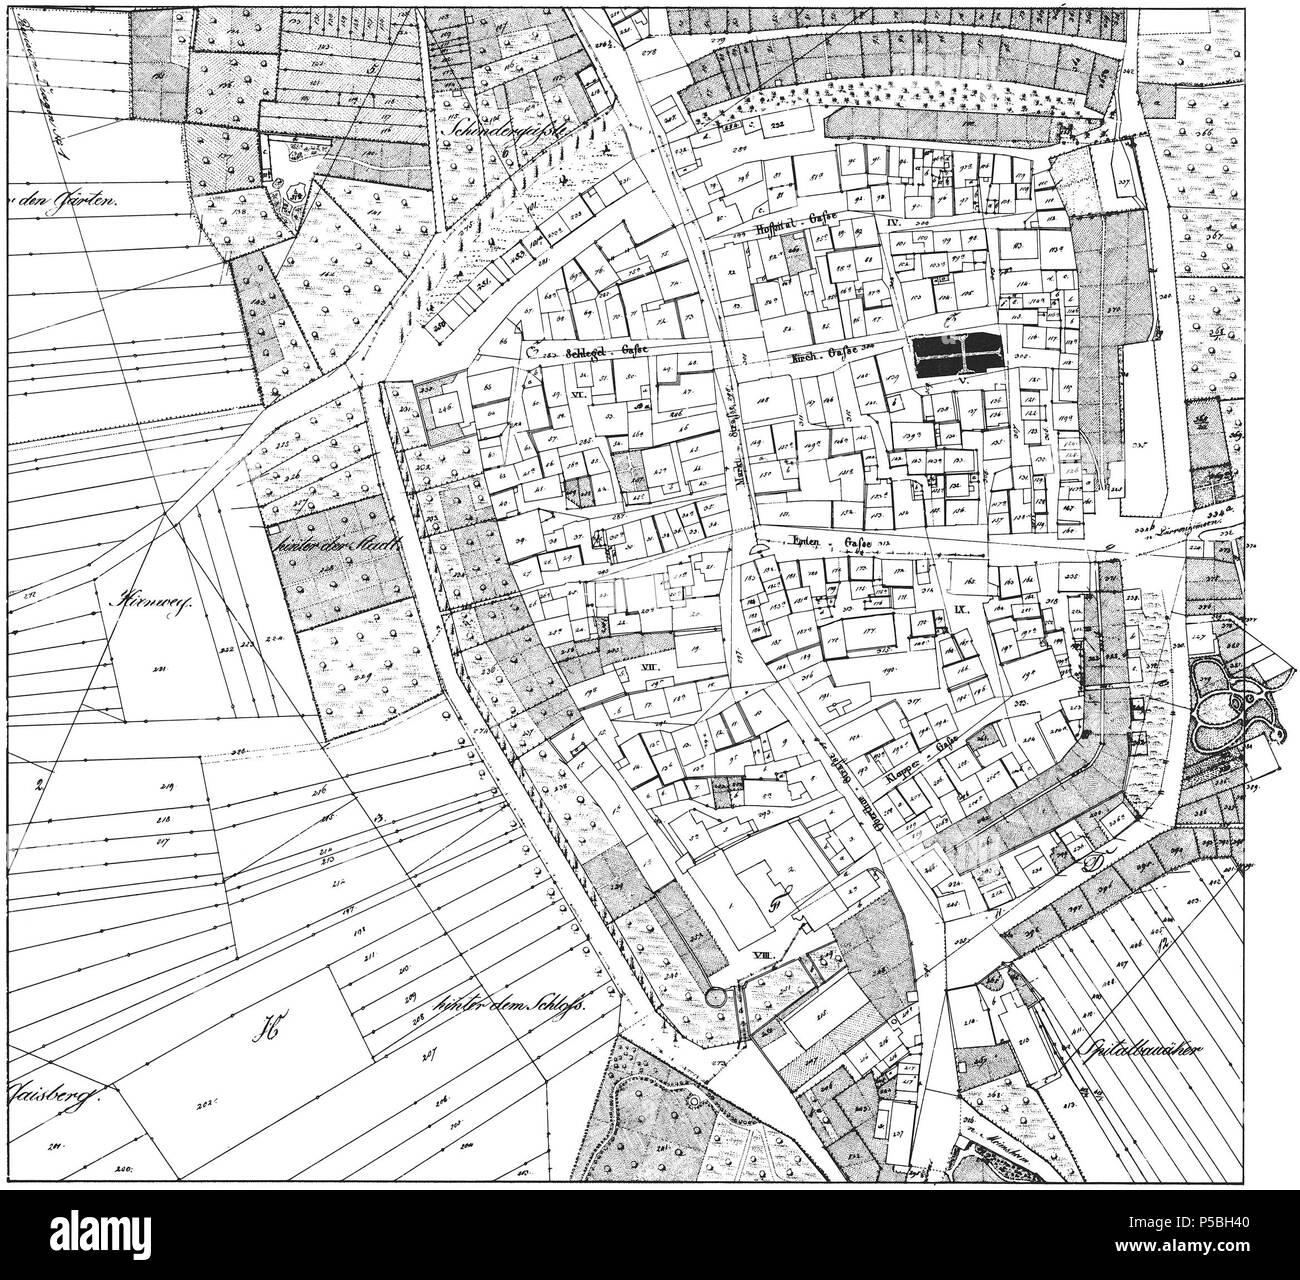 Heilbronn Karte Stadtplan.N A Englisch Historische Stadt Karte Von Brackenheim